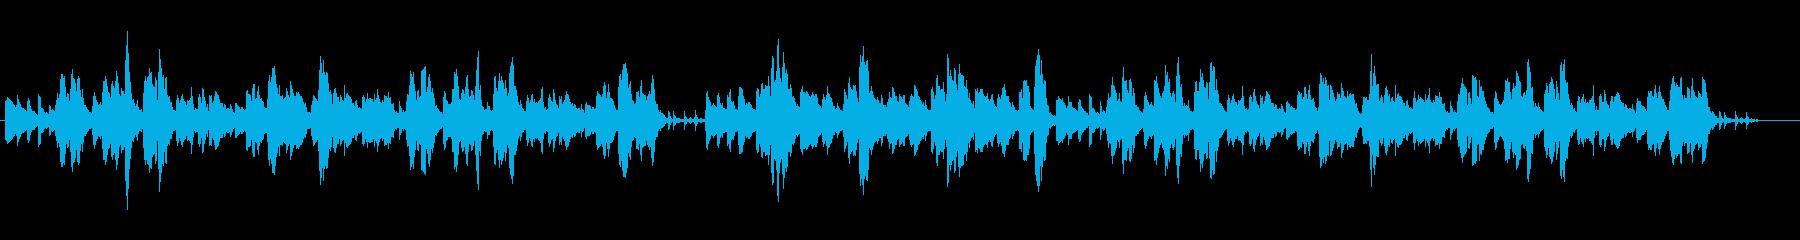 料理や食事動画用生演奏リコーダーBGMの再生済みの波形